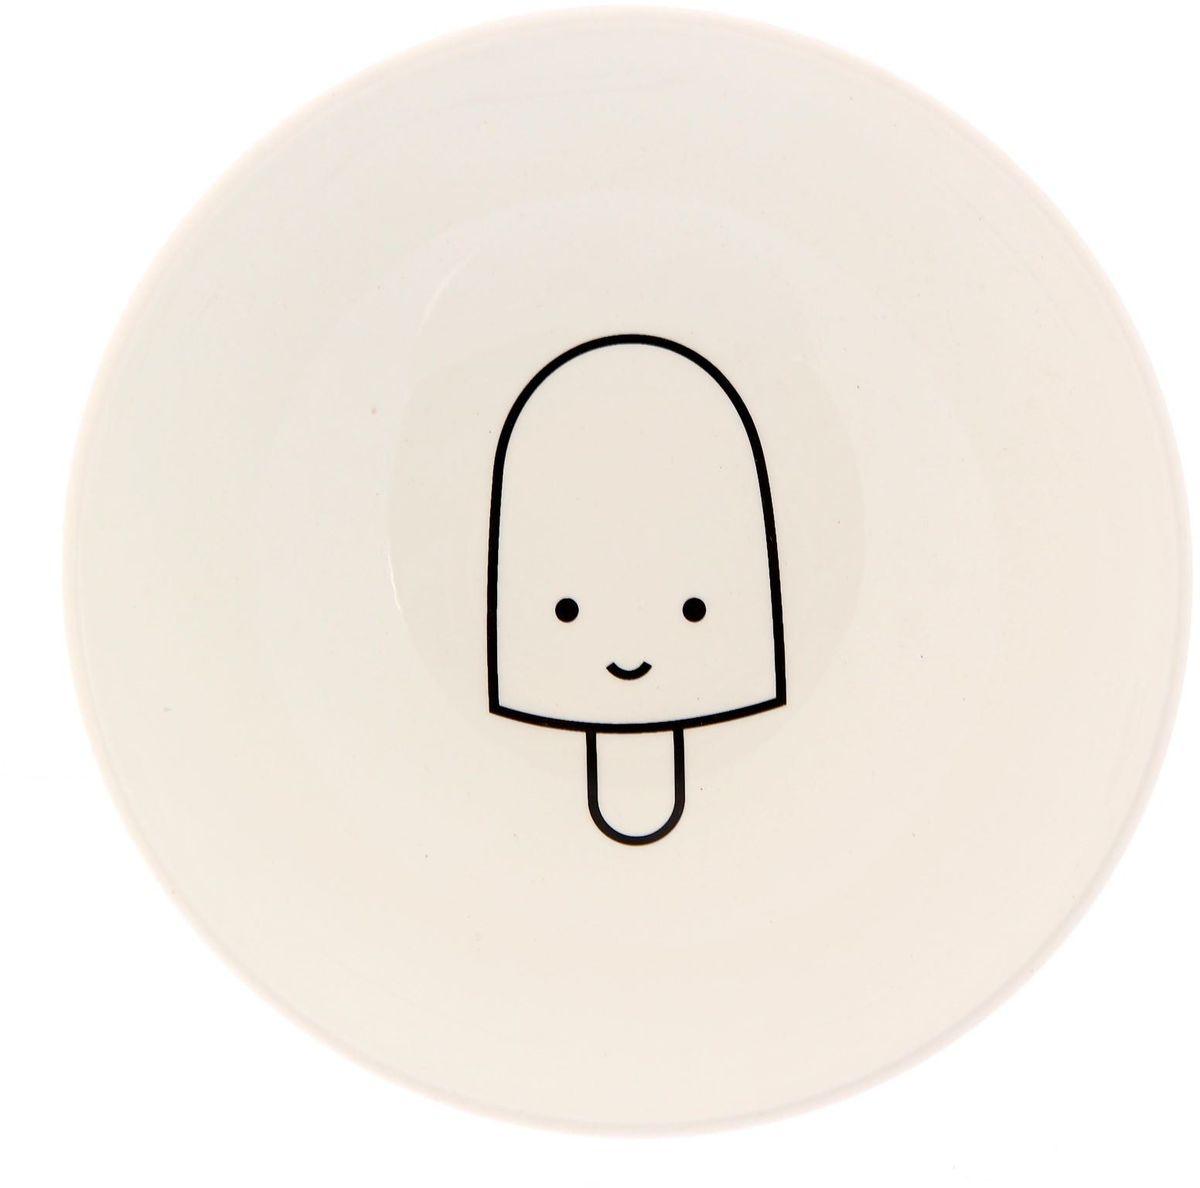 Салатник Сотвори чудо My Little Ice Cream, диаметр 16,5 см2277845Хотите обновить интерьер кухни или гостиной? Устраиваете необычную фотосессию или тематический праздник? А может, просто ищете подарок для близкого человека? Посуда « Сотвори Чудо» — правильный выбор в любой ситуации. Её достоинства: изящный фаянс нежного сливочного цвета; стойкость краски; пригодность для посудомоечных машин.